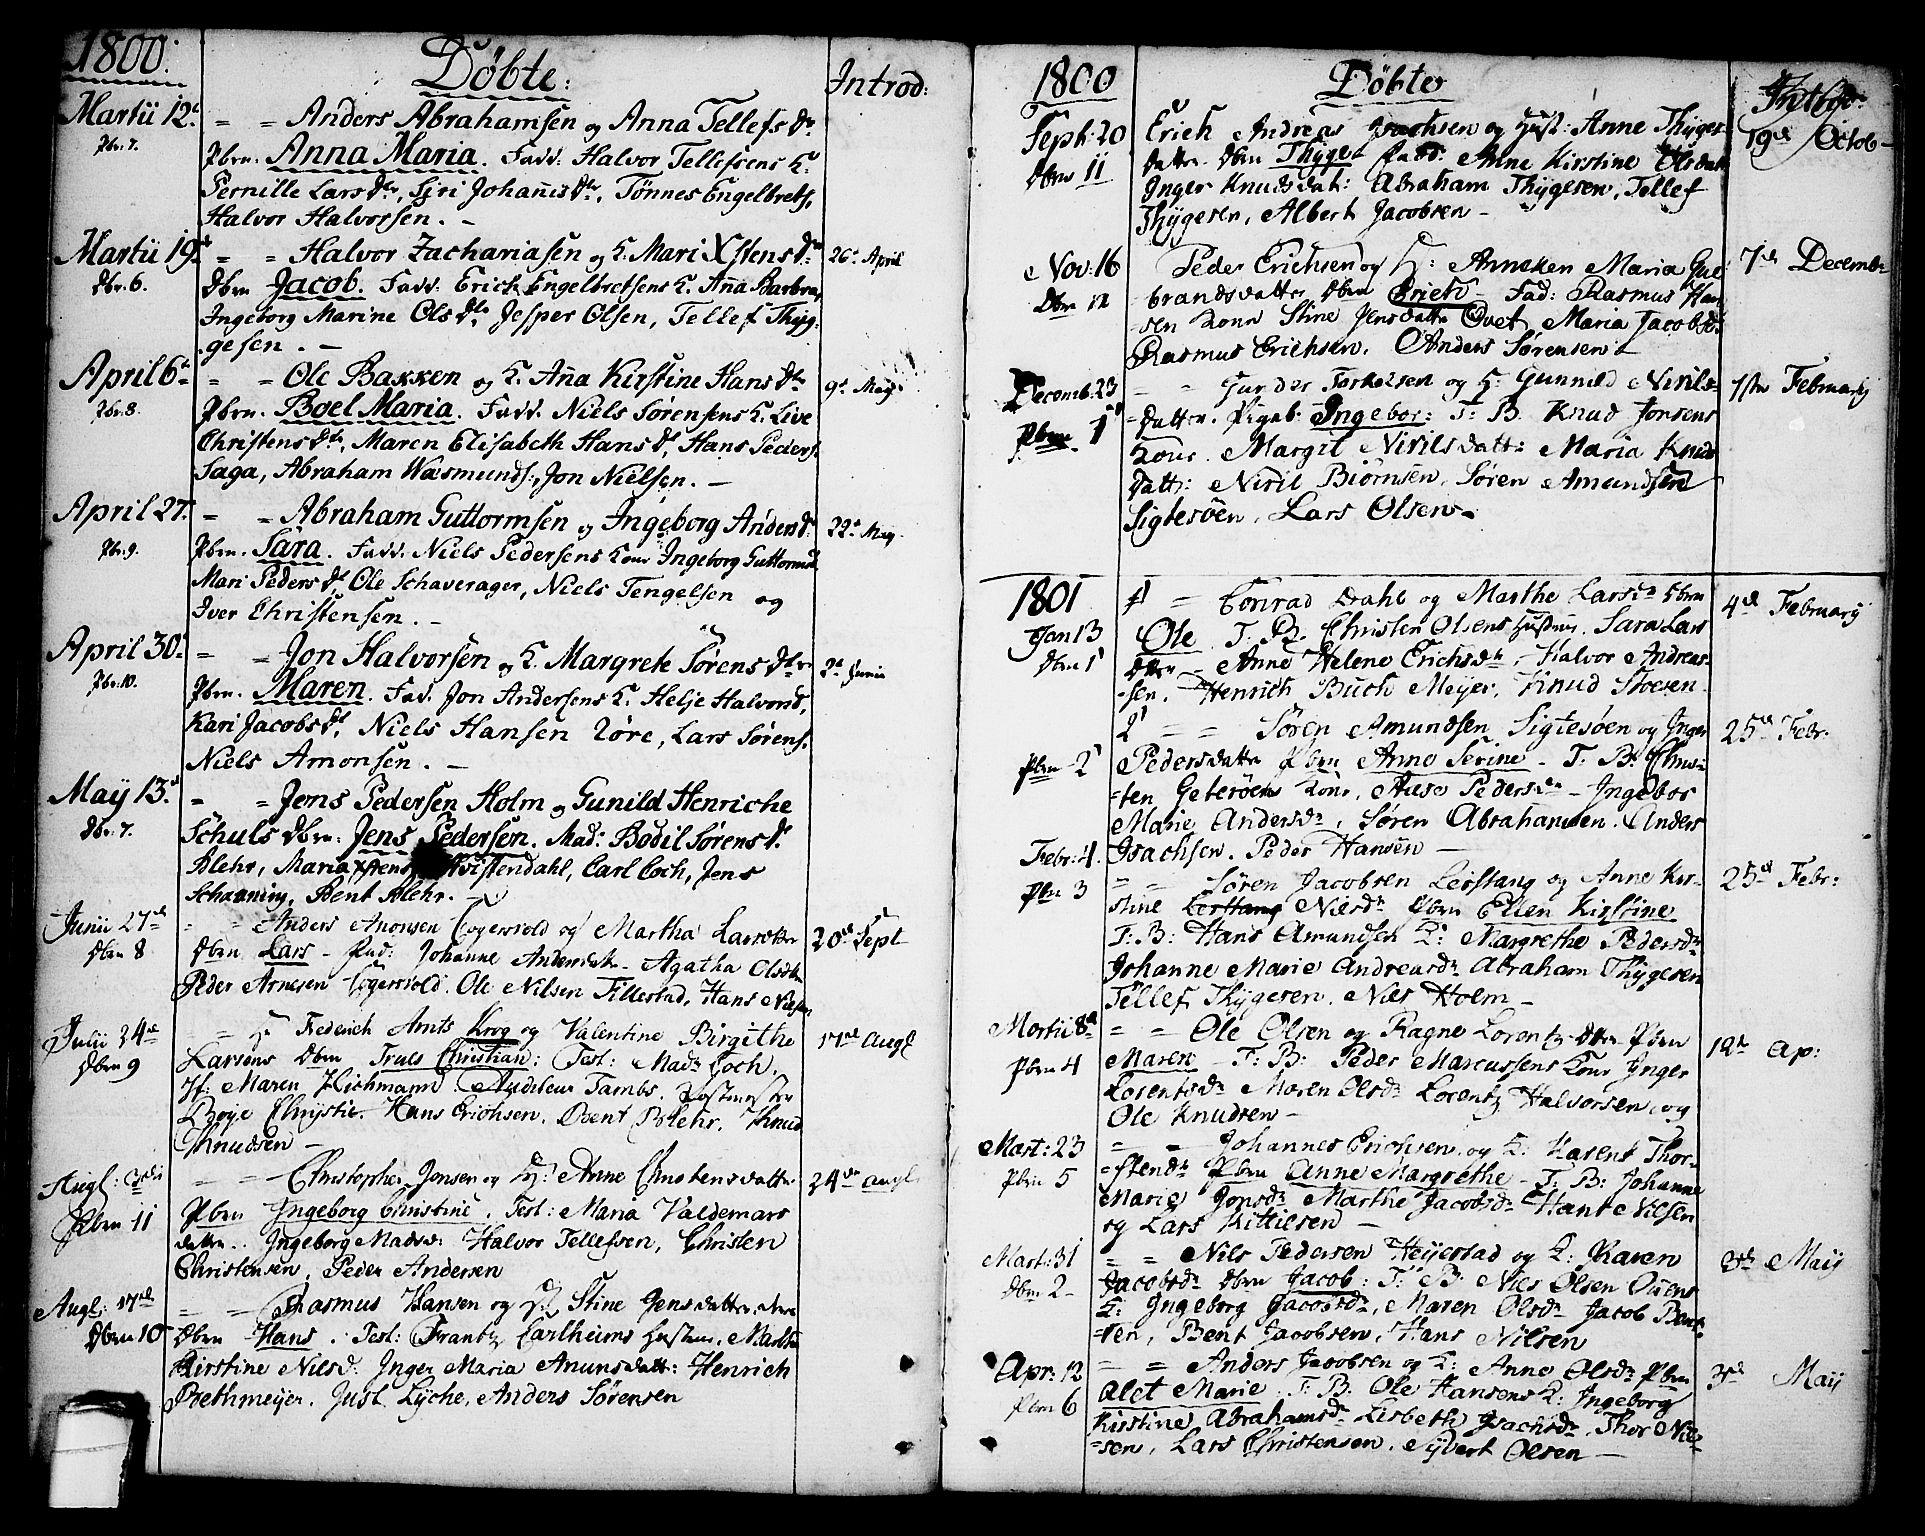 SAKO, Brevik kirkebøker, F/Fa/L0003: Ministerialbok nr. 3, 1764-1814, s. 39